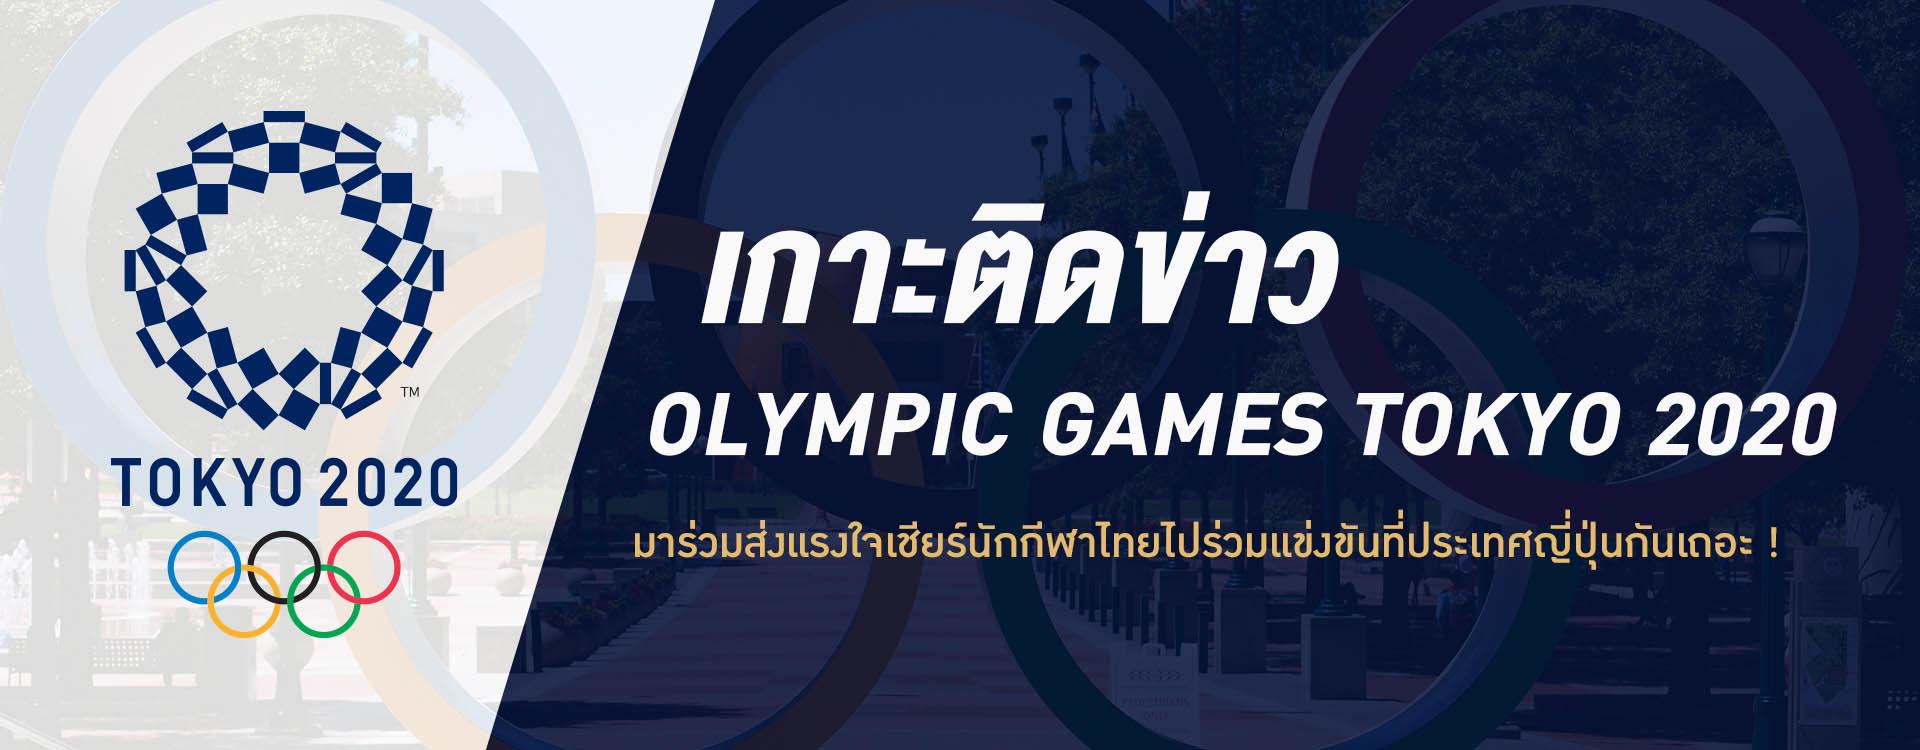 โตเกียวโอลิมปิก 2020 stadiumth